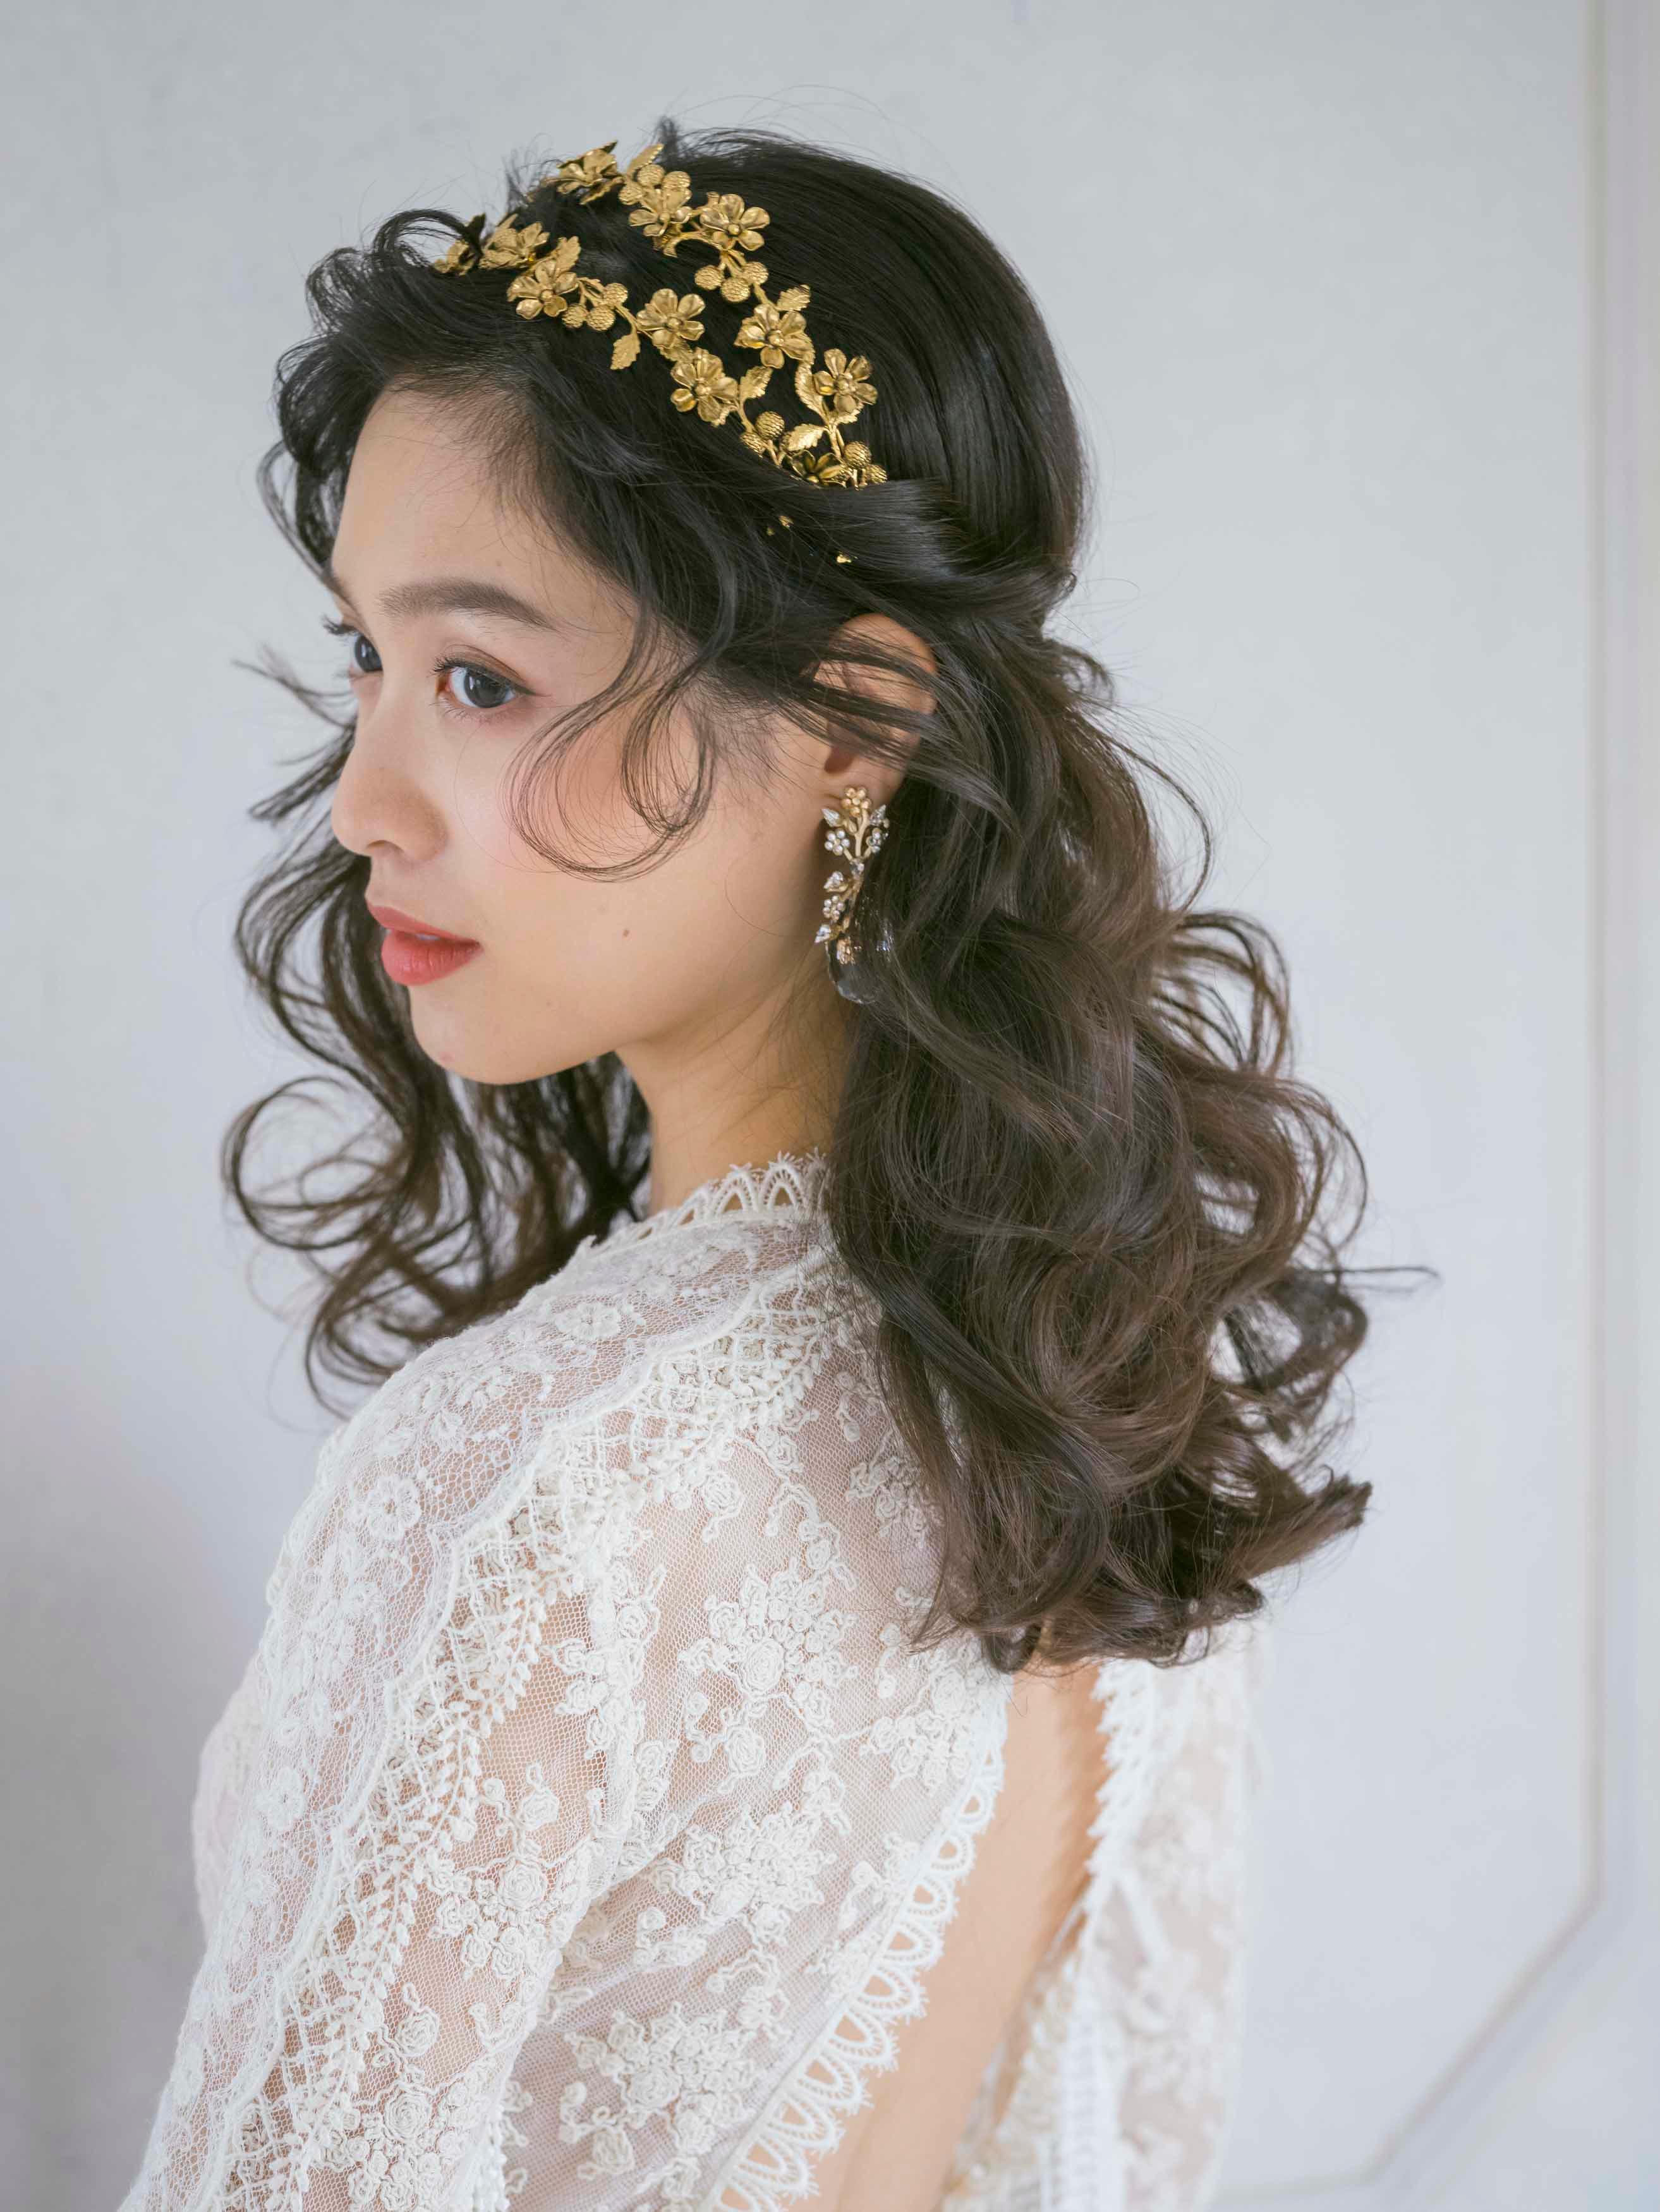 ハーフアップ 髪型 花嫁ヘア ブライダルヘア